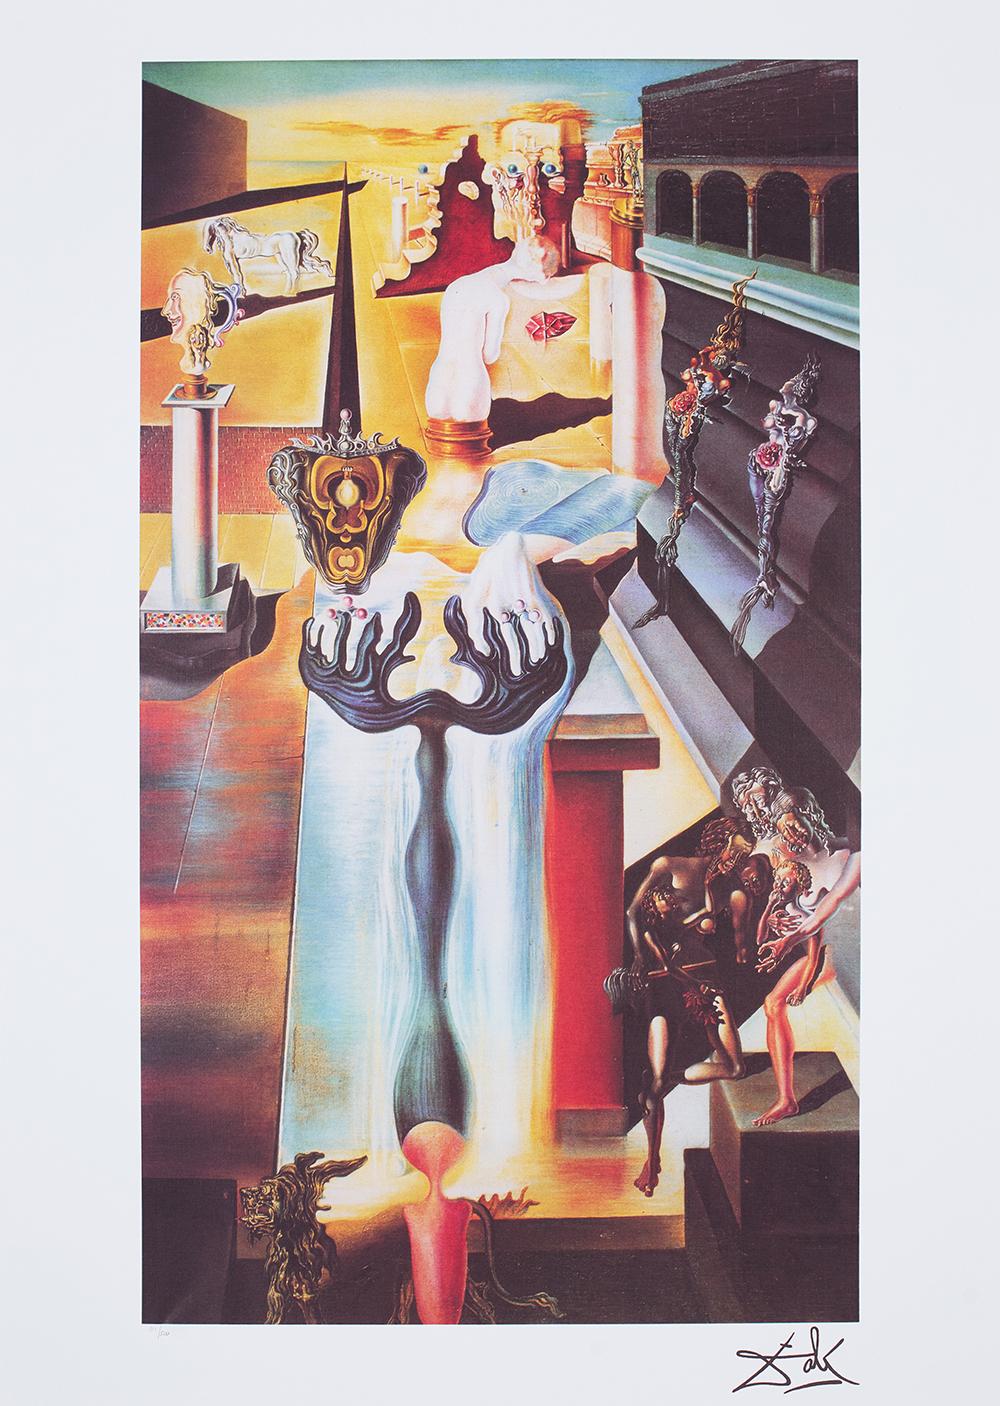 Dali Salvador, The Invisible Man